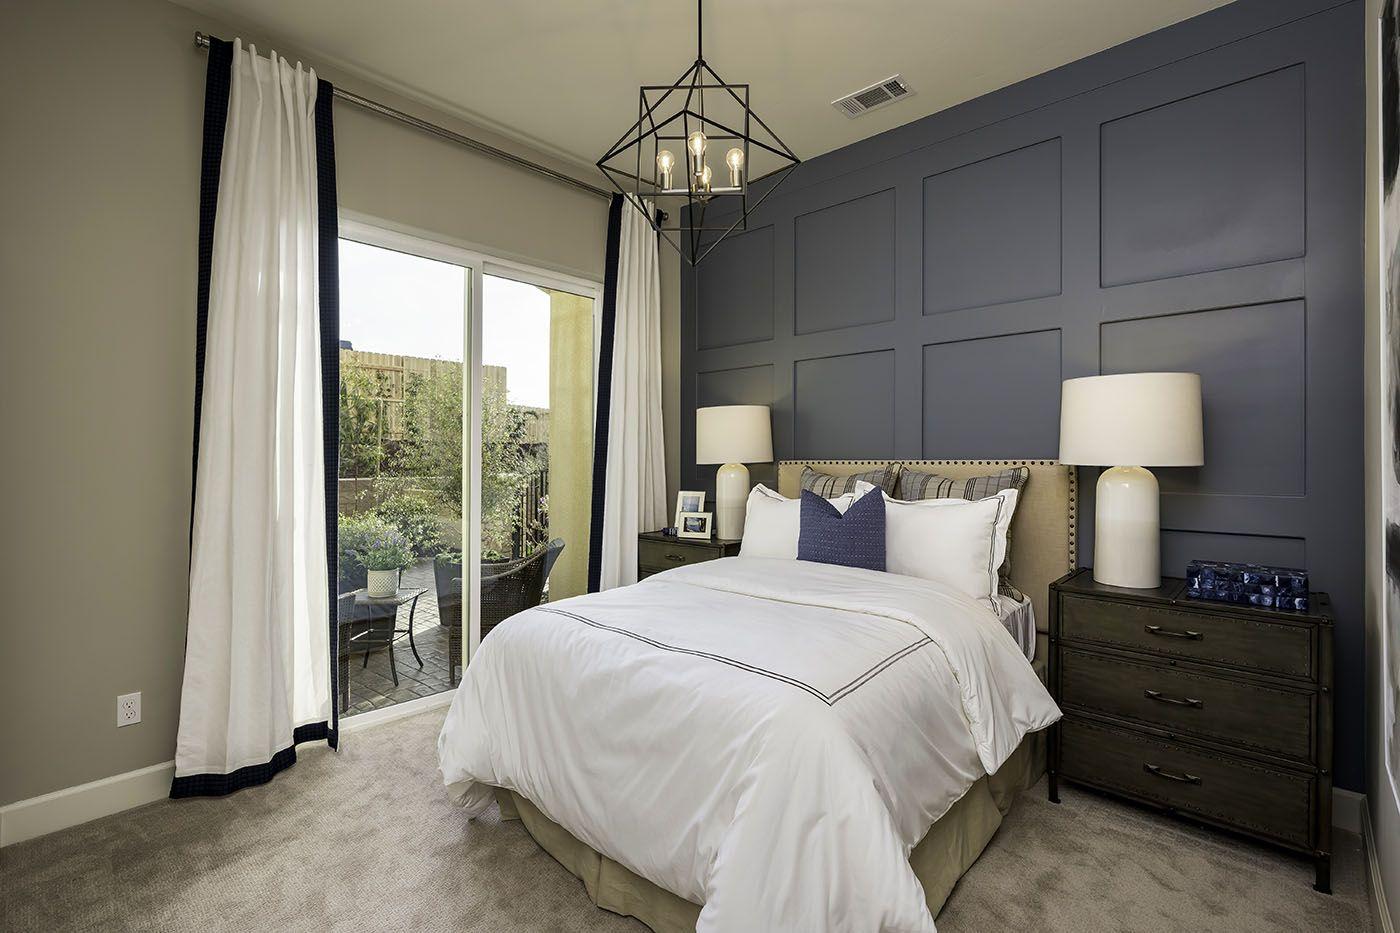 Bedroom featured in the Windsor By Coastal Community Builders in Santa Barbara, CA